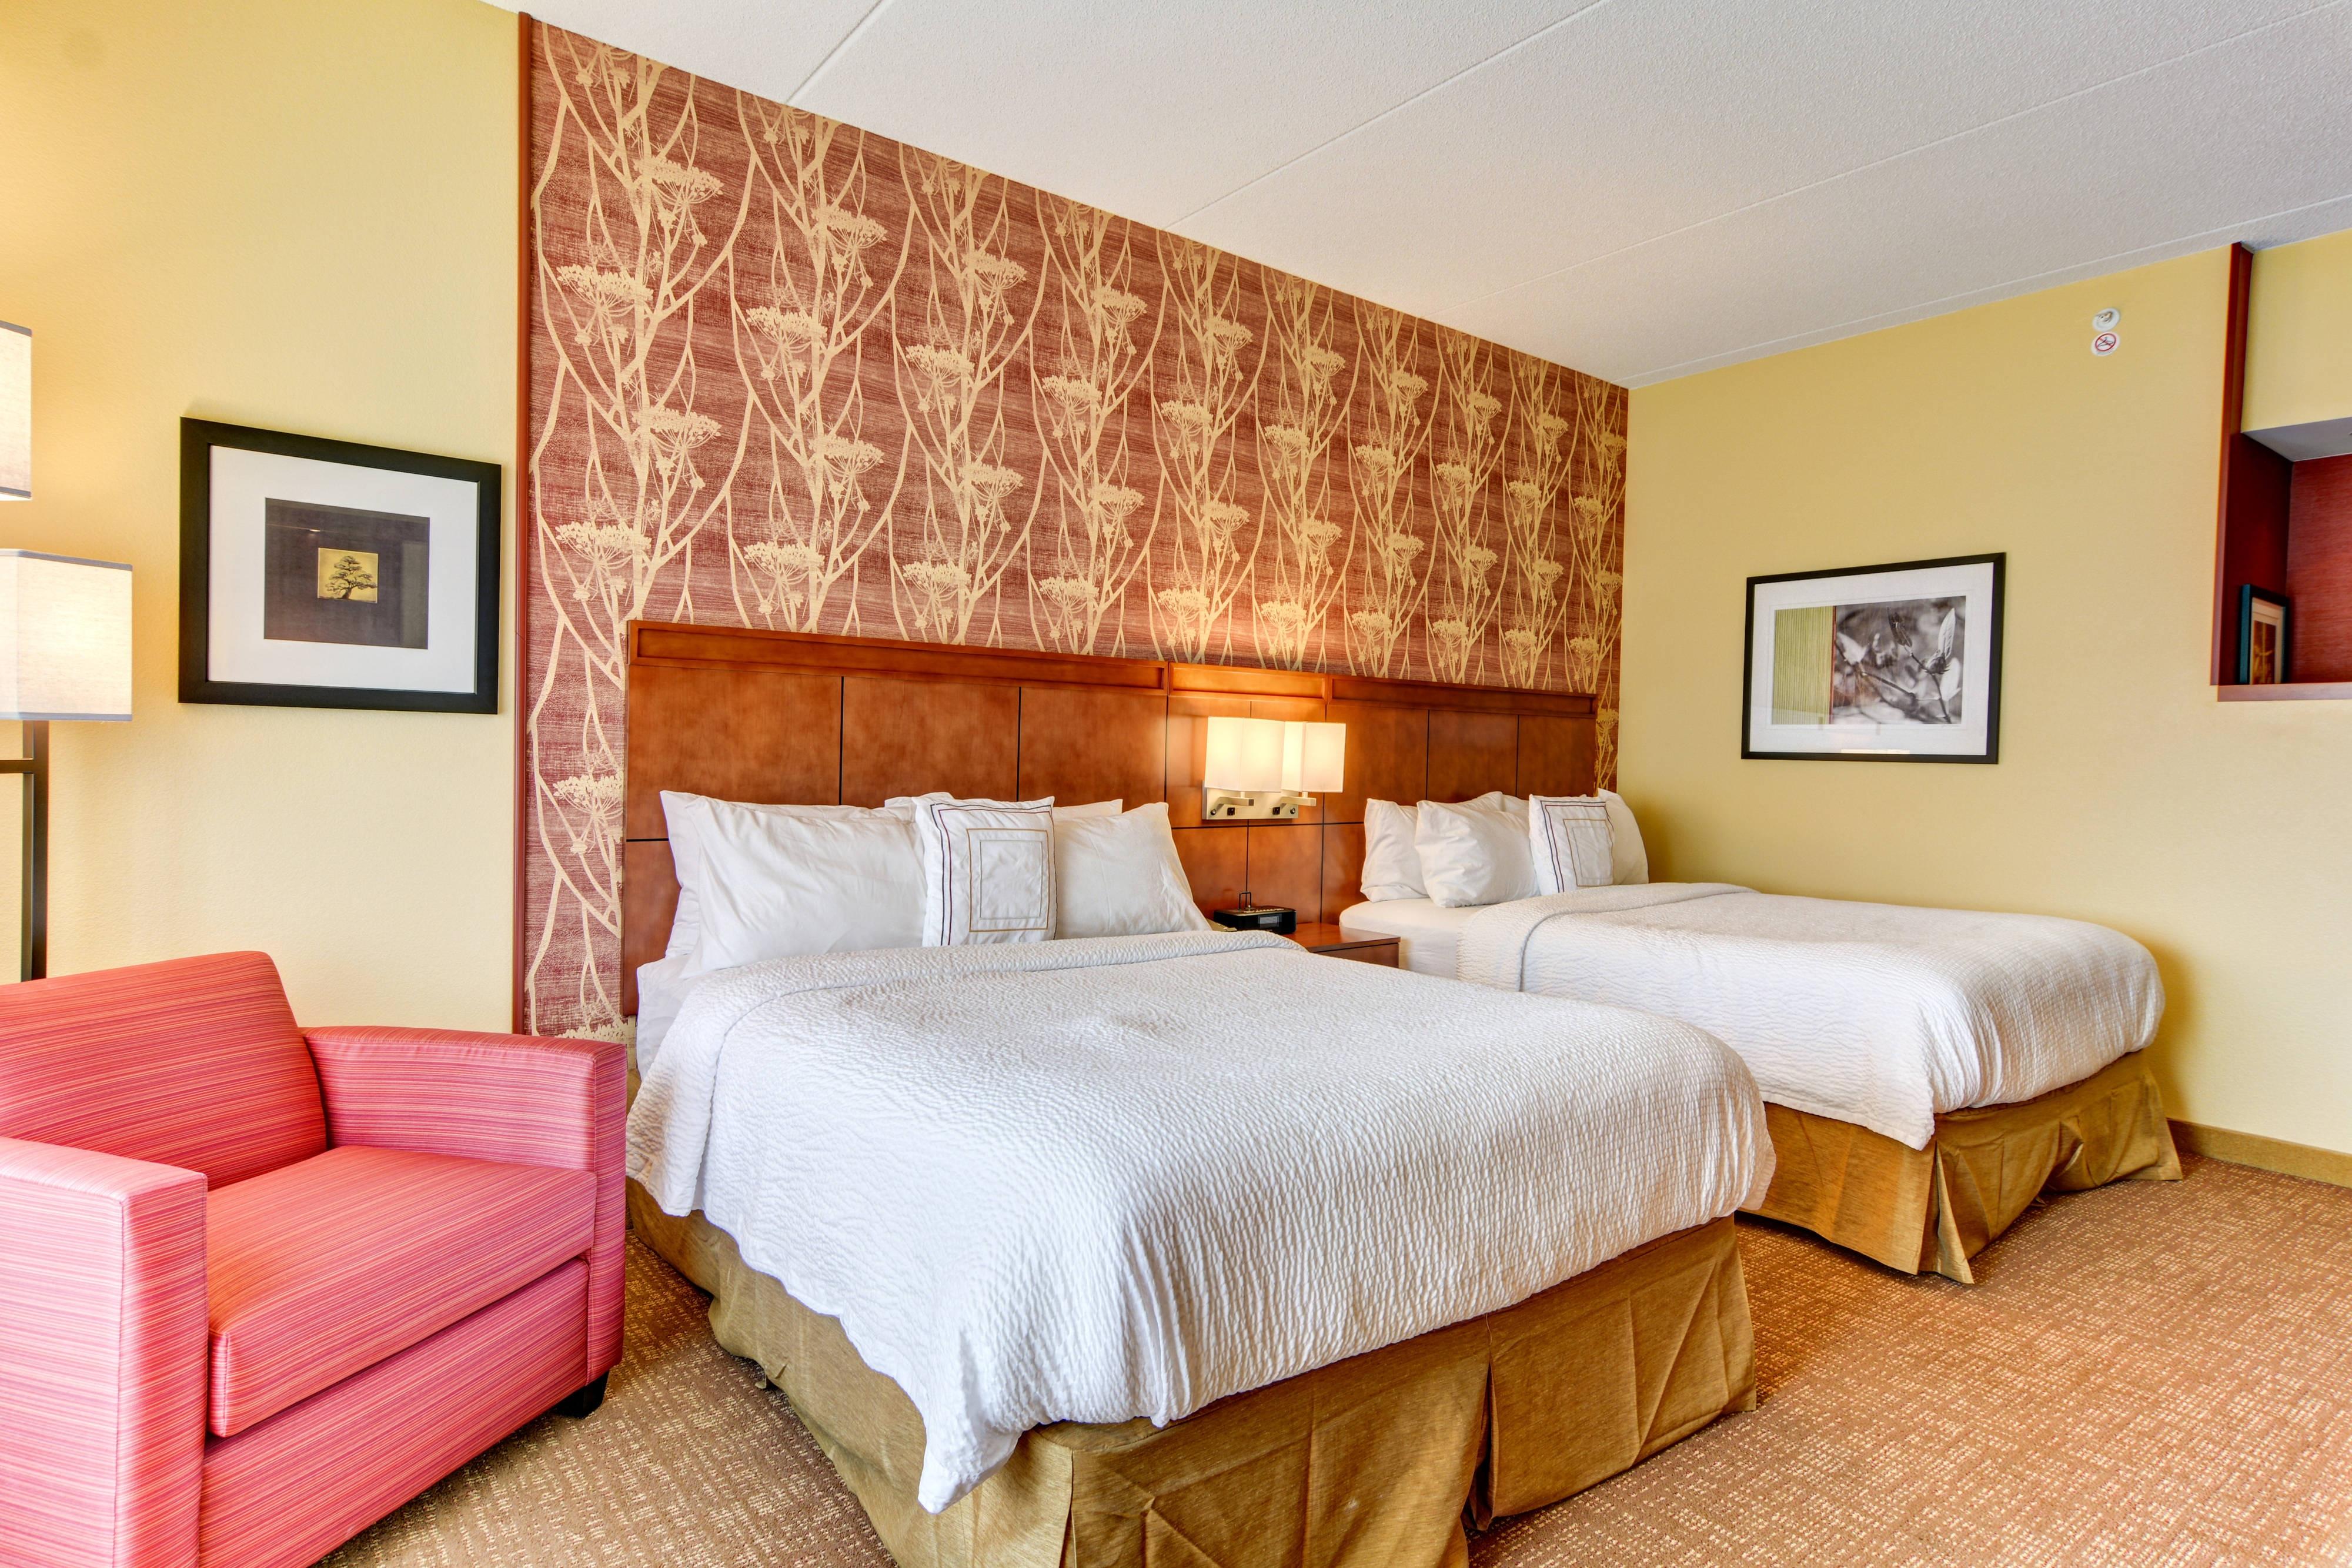 Clarksburg, WV Courtyard Hotel Double Queen Guest Room